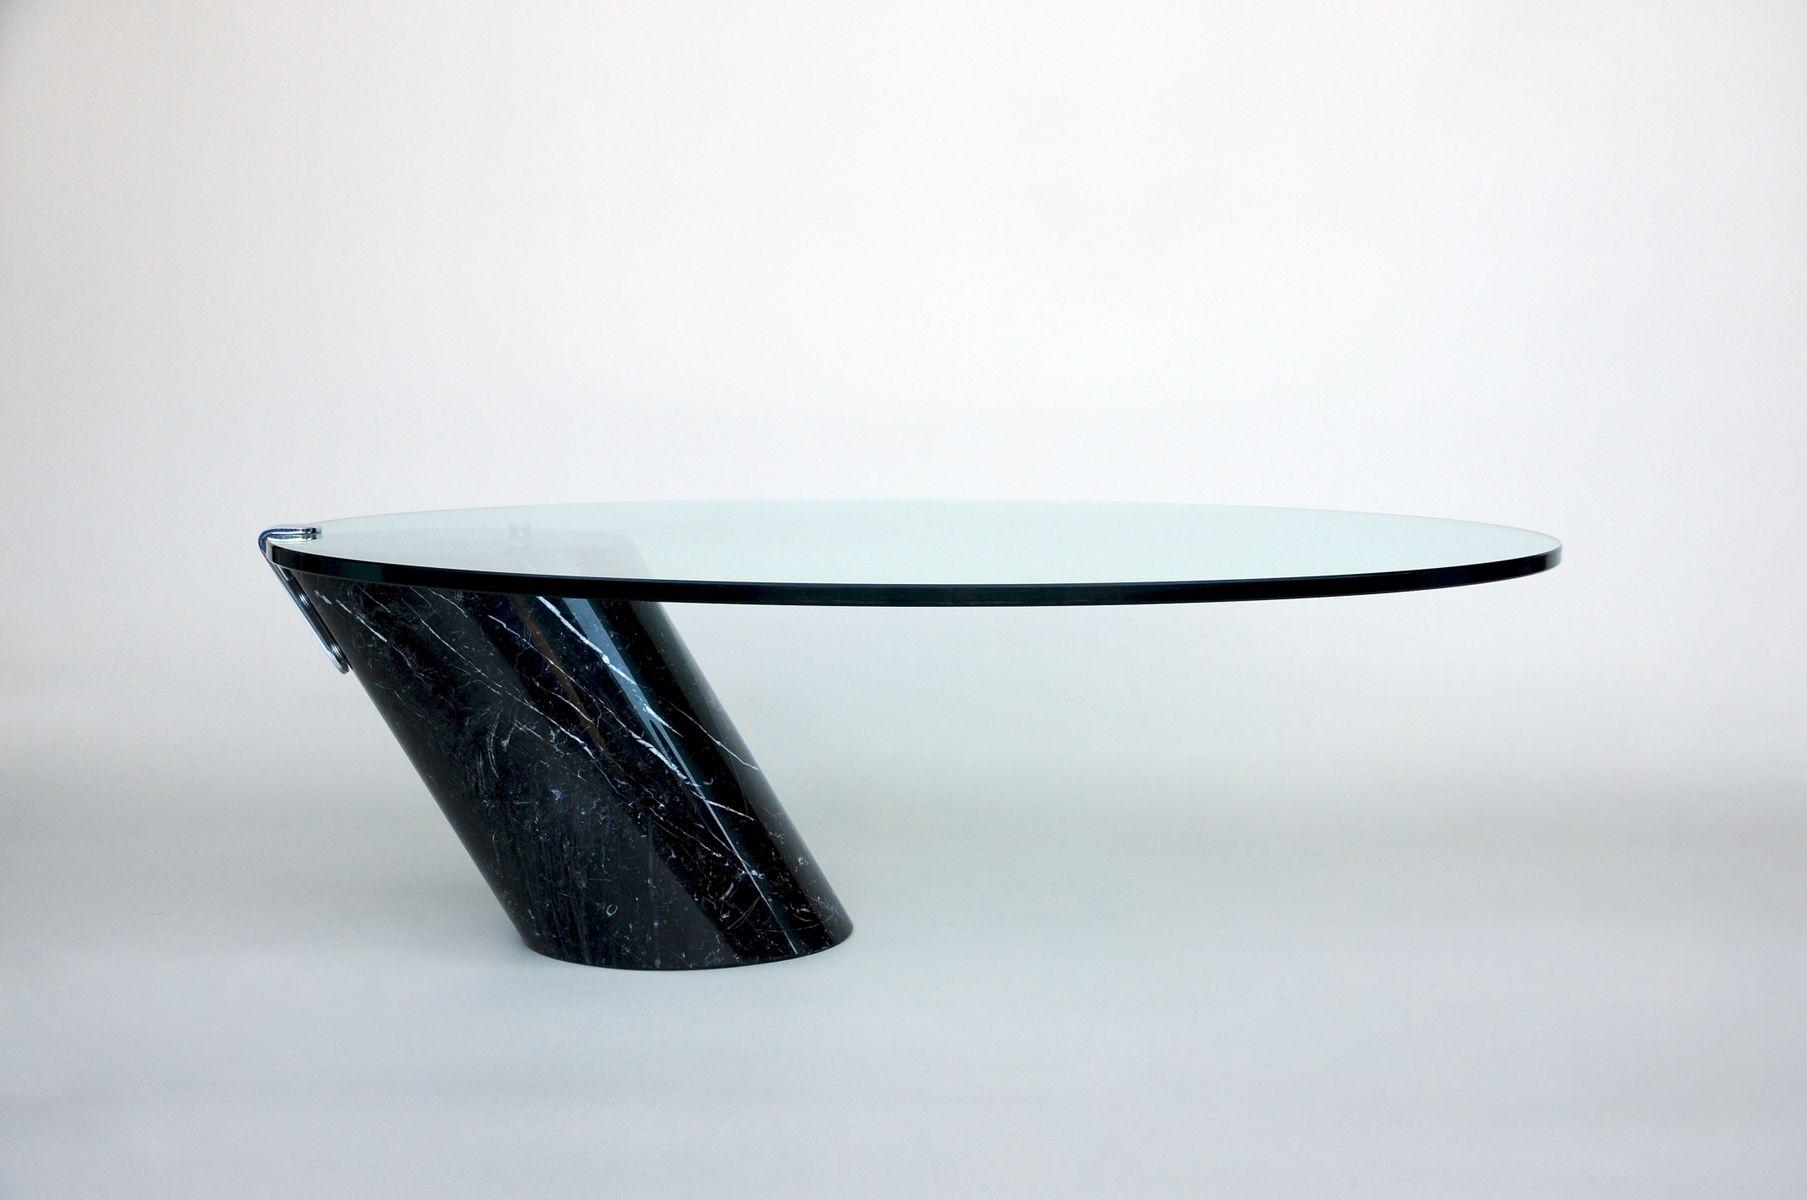 Glas und marmor couchtisch von ronald schmidt bei pamono for Designer couchtisch glas marmor